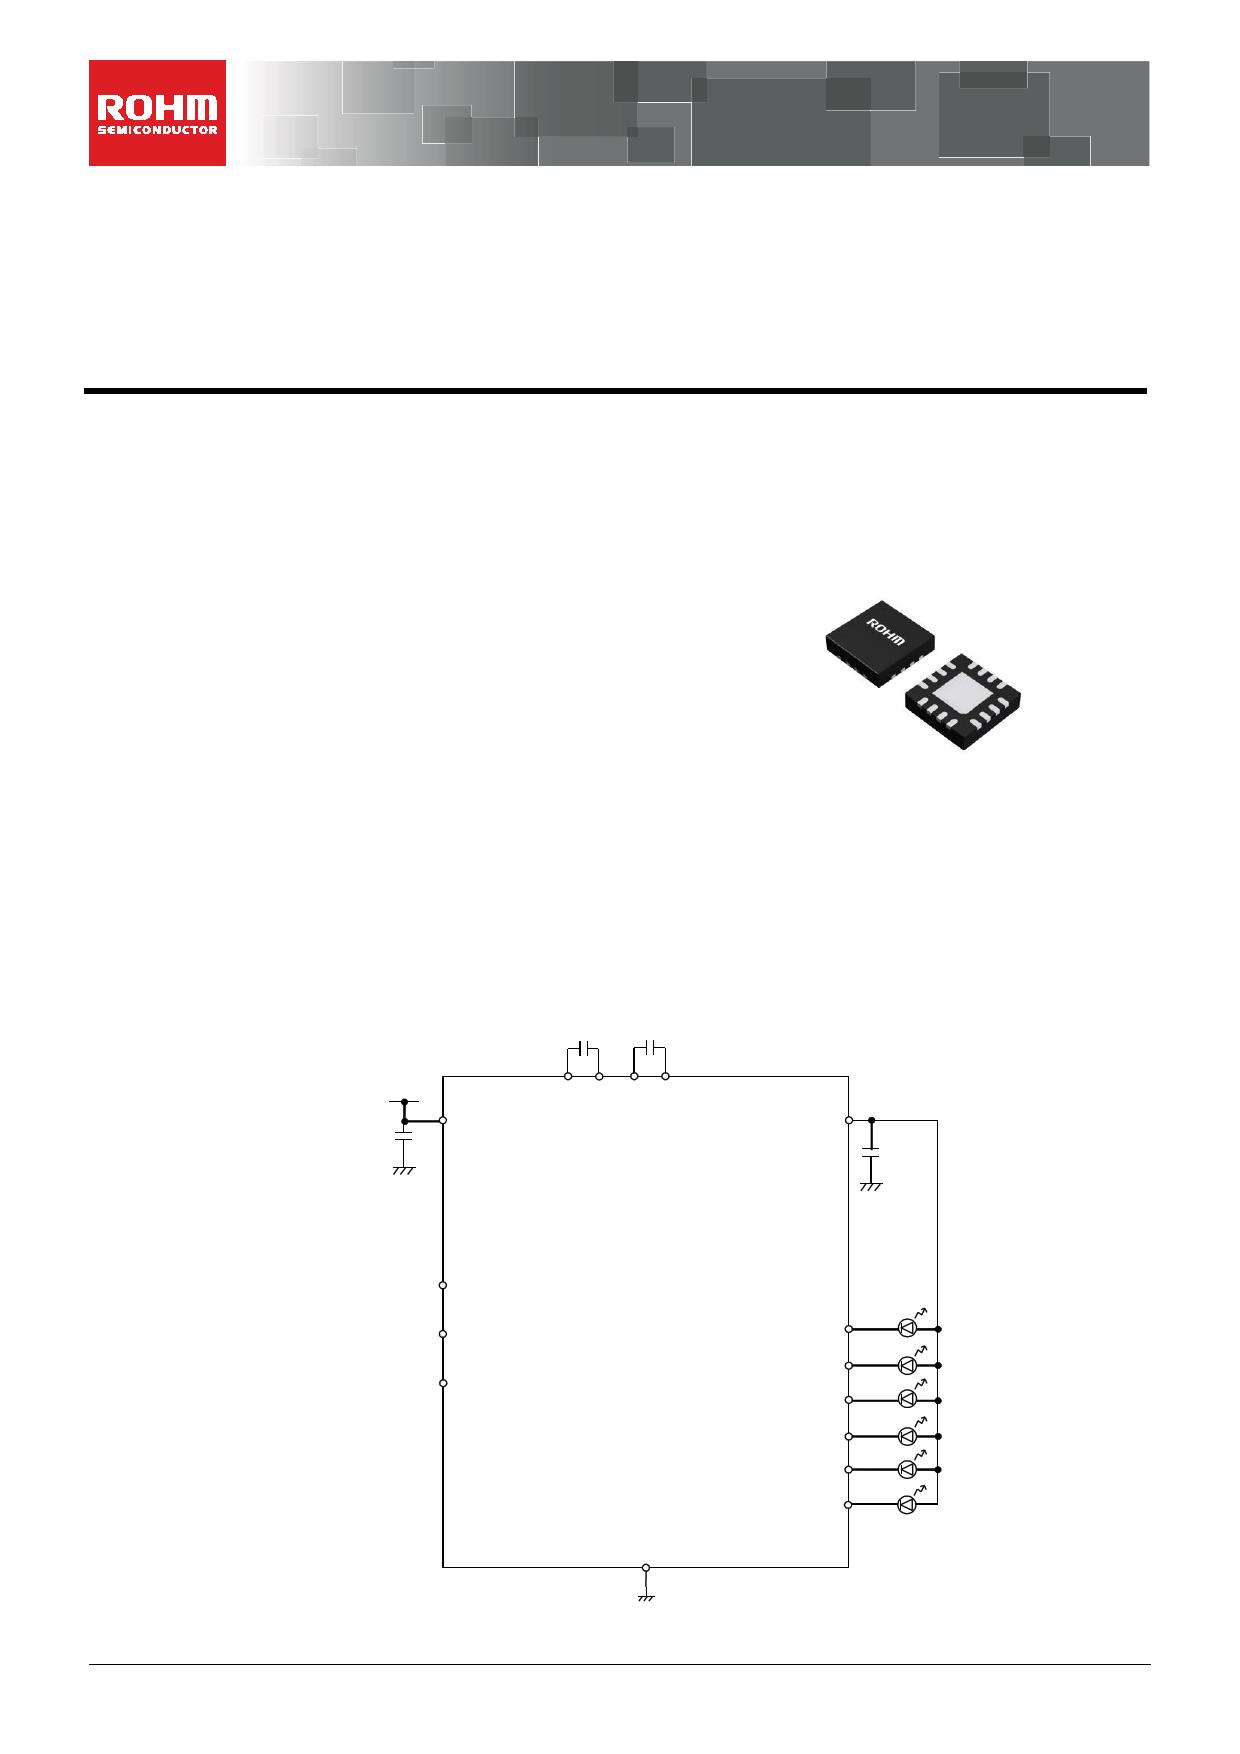 BD2606MVV datasheet